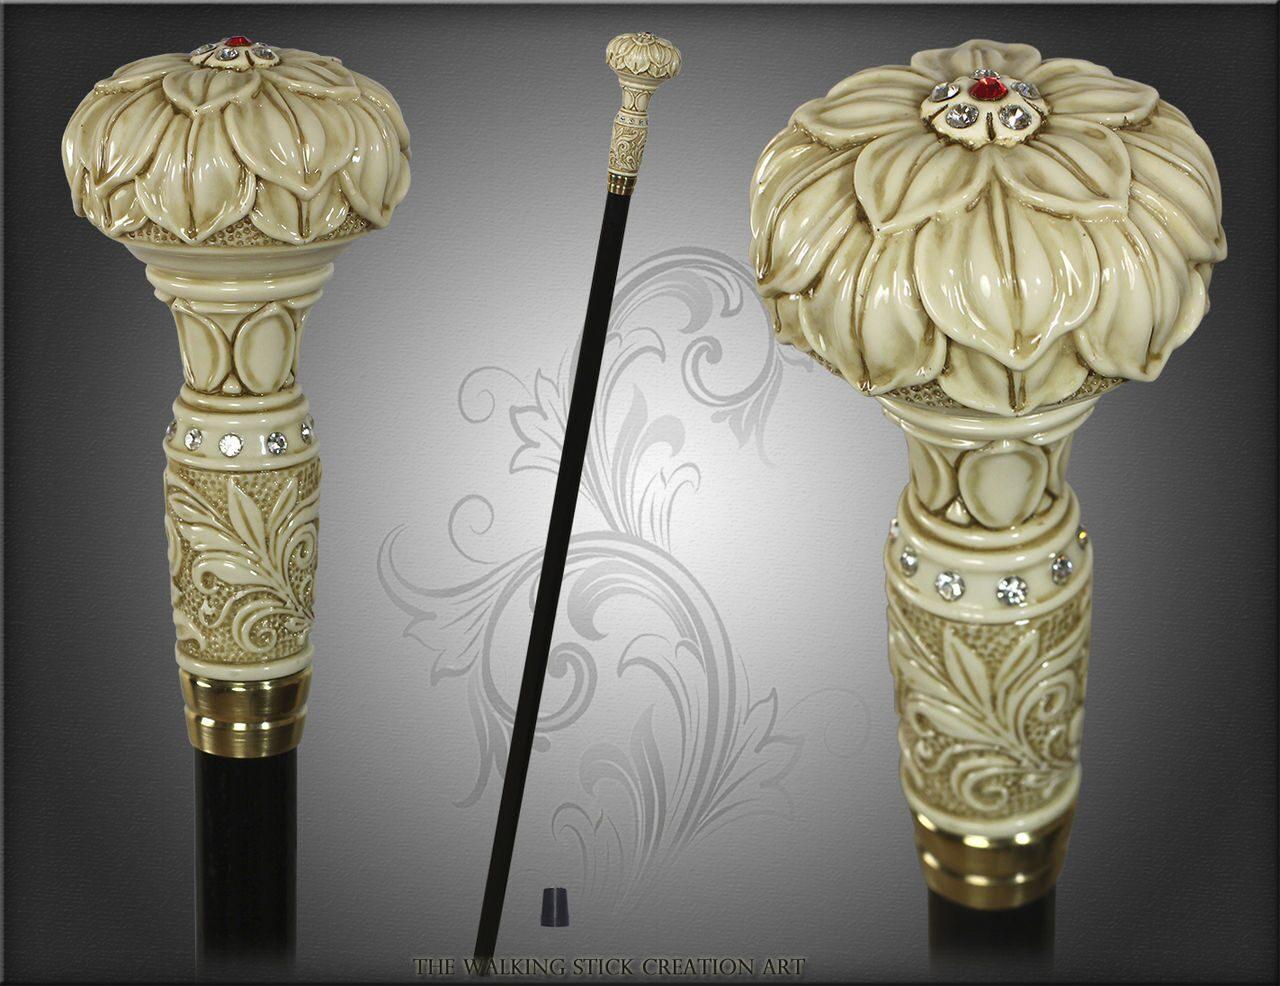 http://podarok-exclusive.ru/d/358140/d/flowerbones_0.jpg